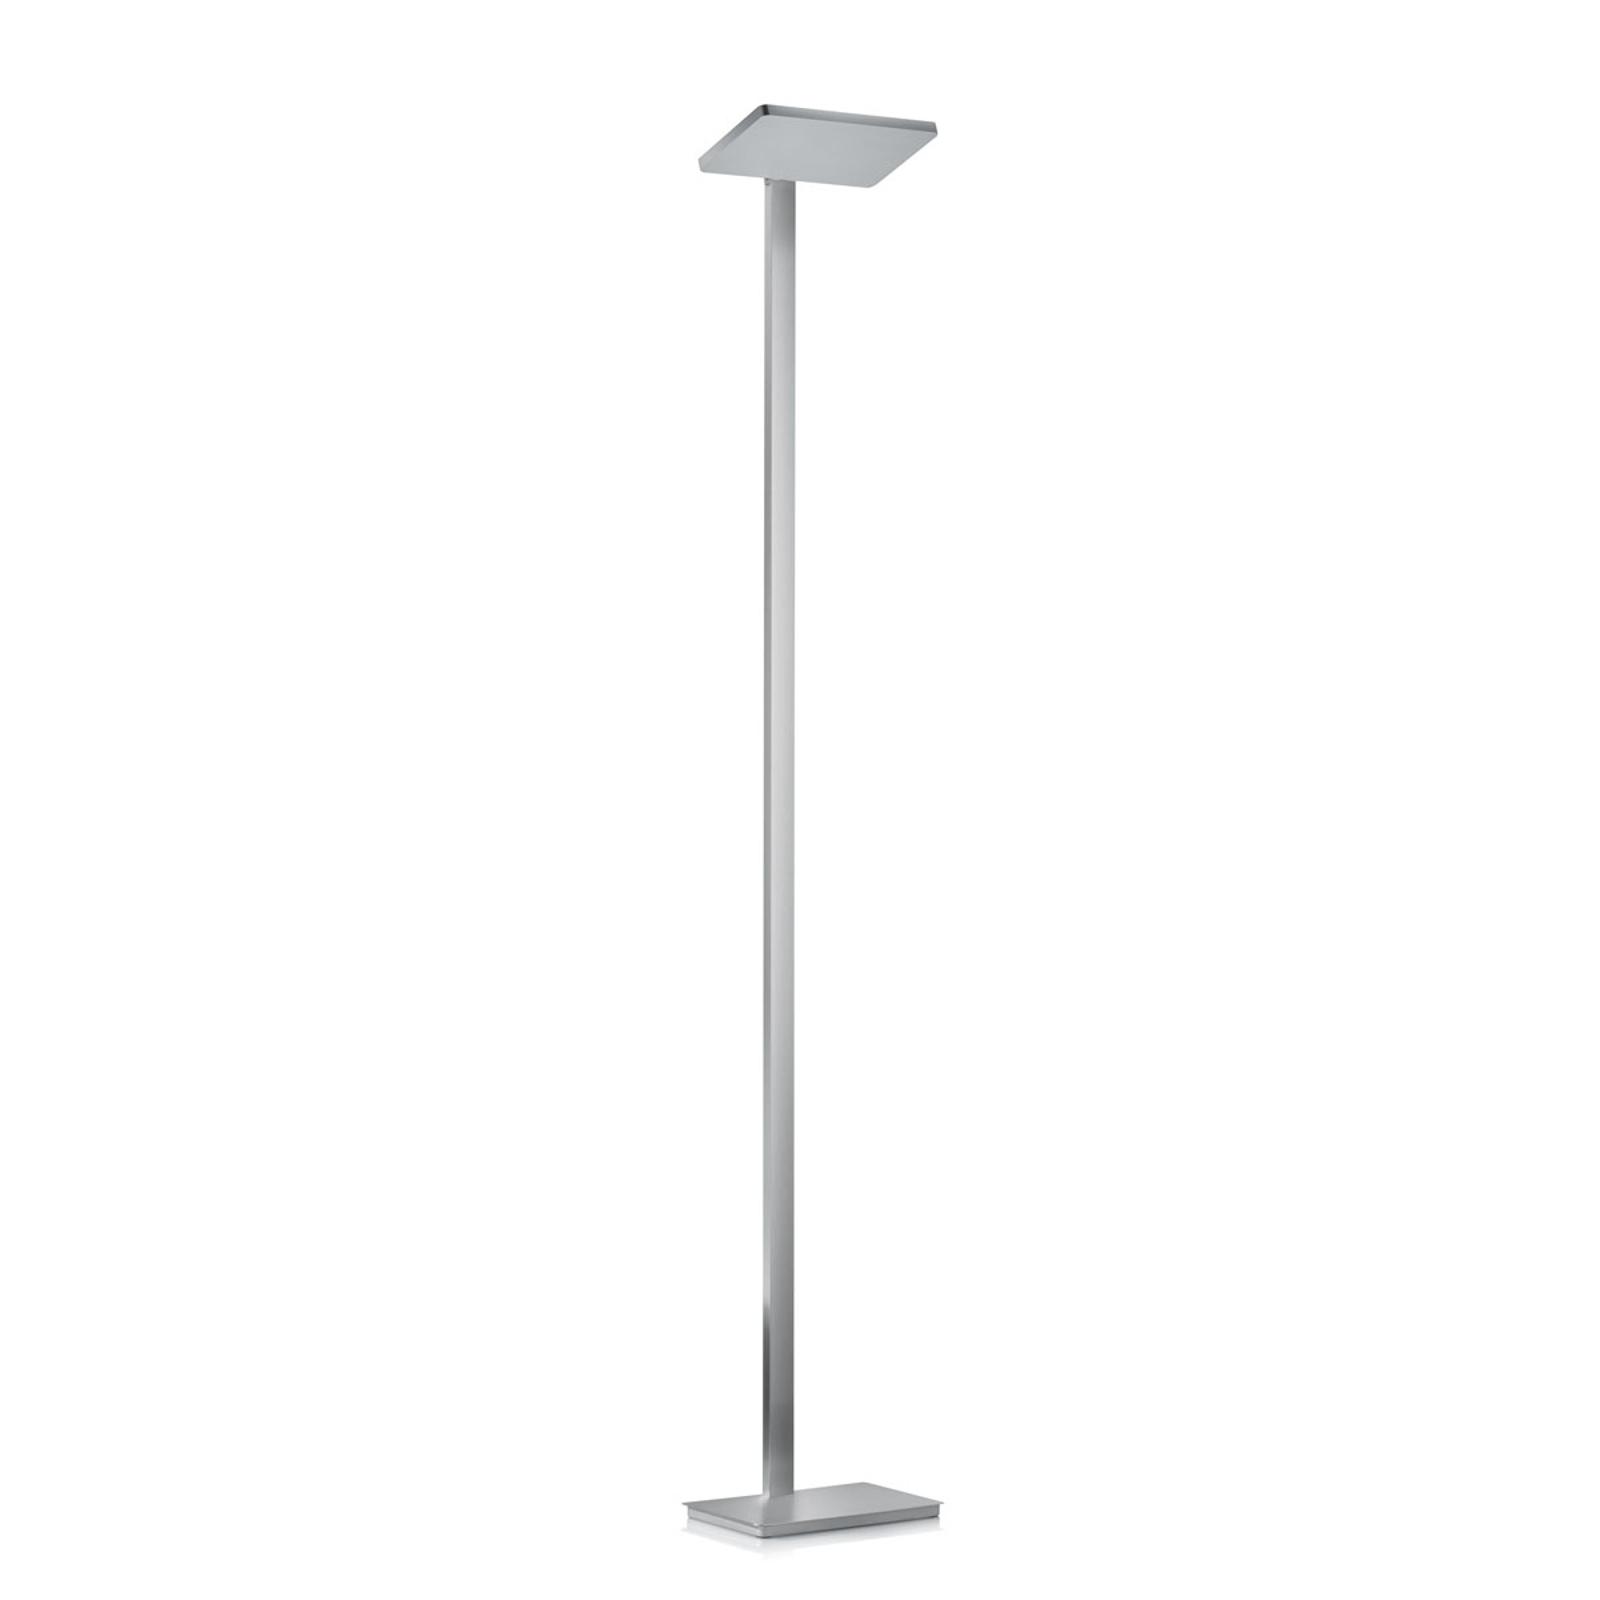 Lampadaire LED Geri moderne, nickel mat